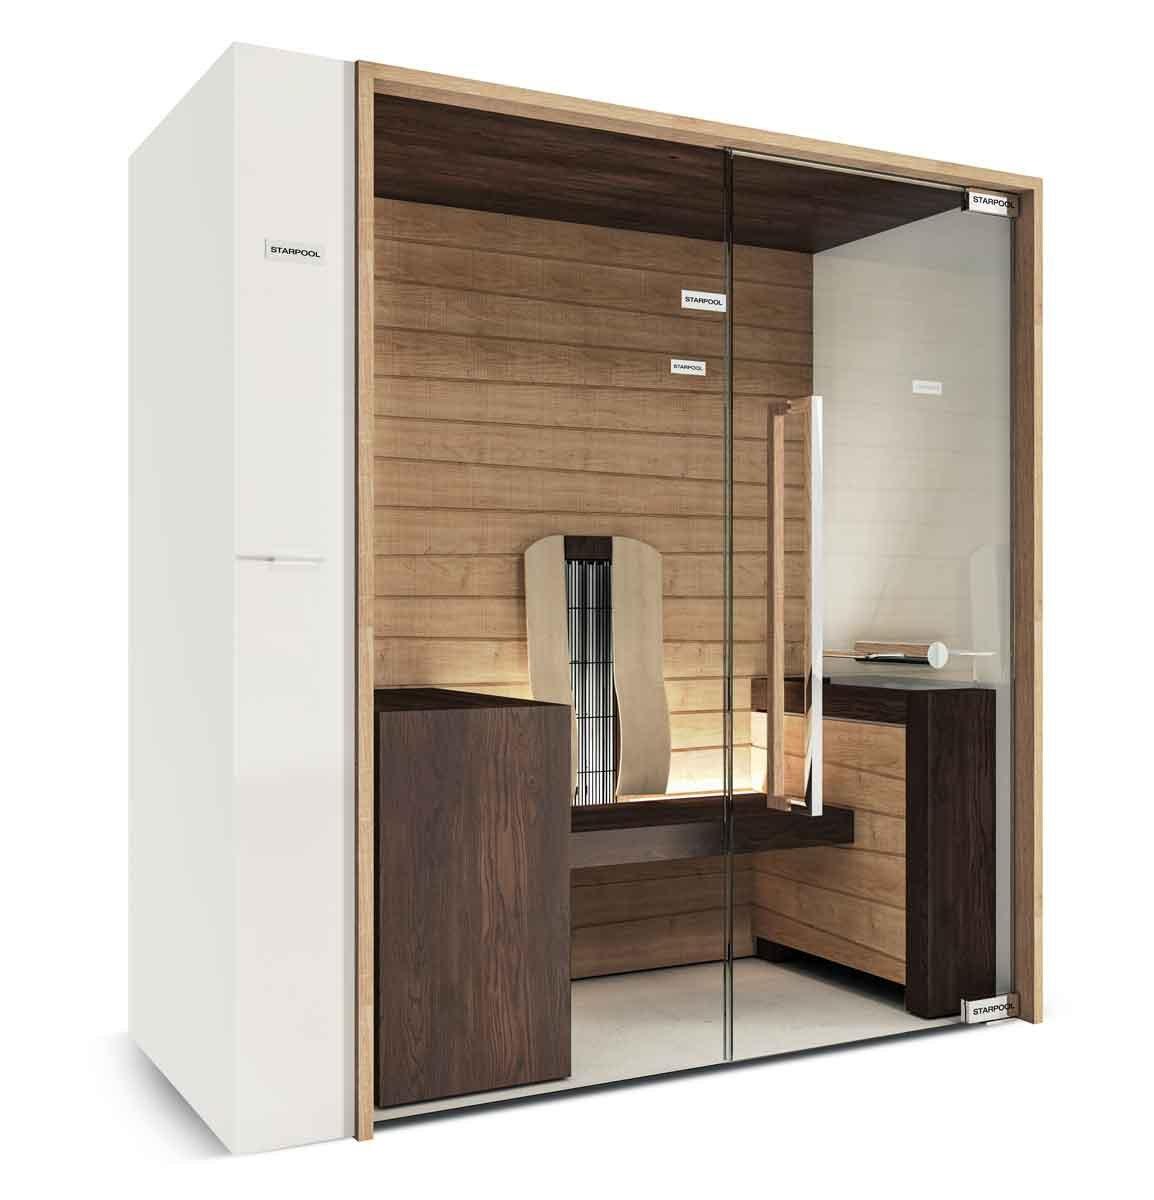 La sauna anche a casa cose di casa for Costo della costruzione di una sauna domestica